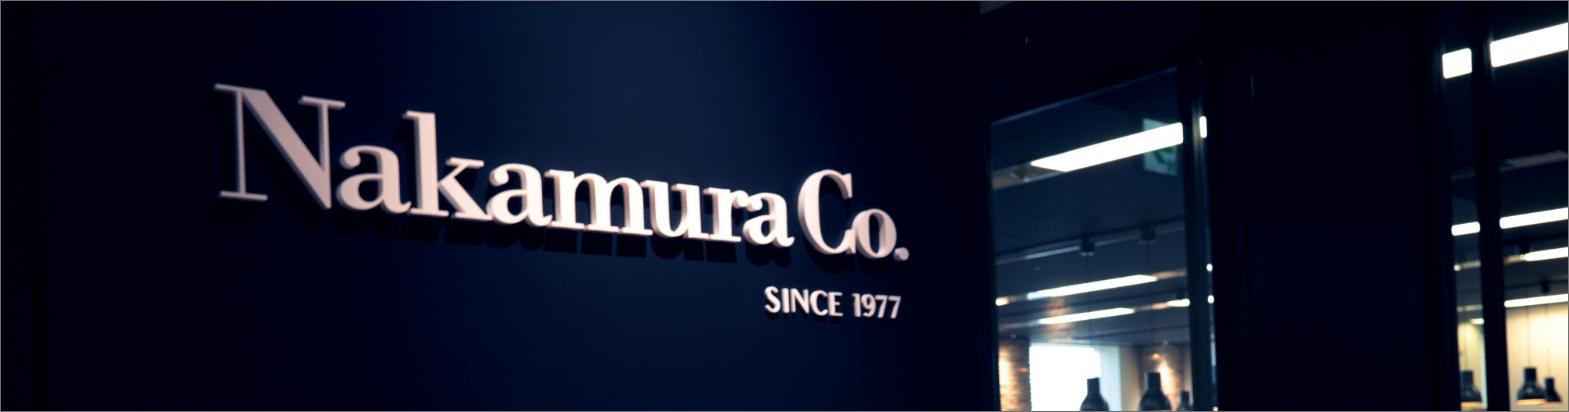 company_main01.jpg